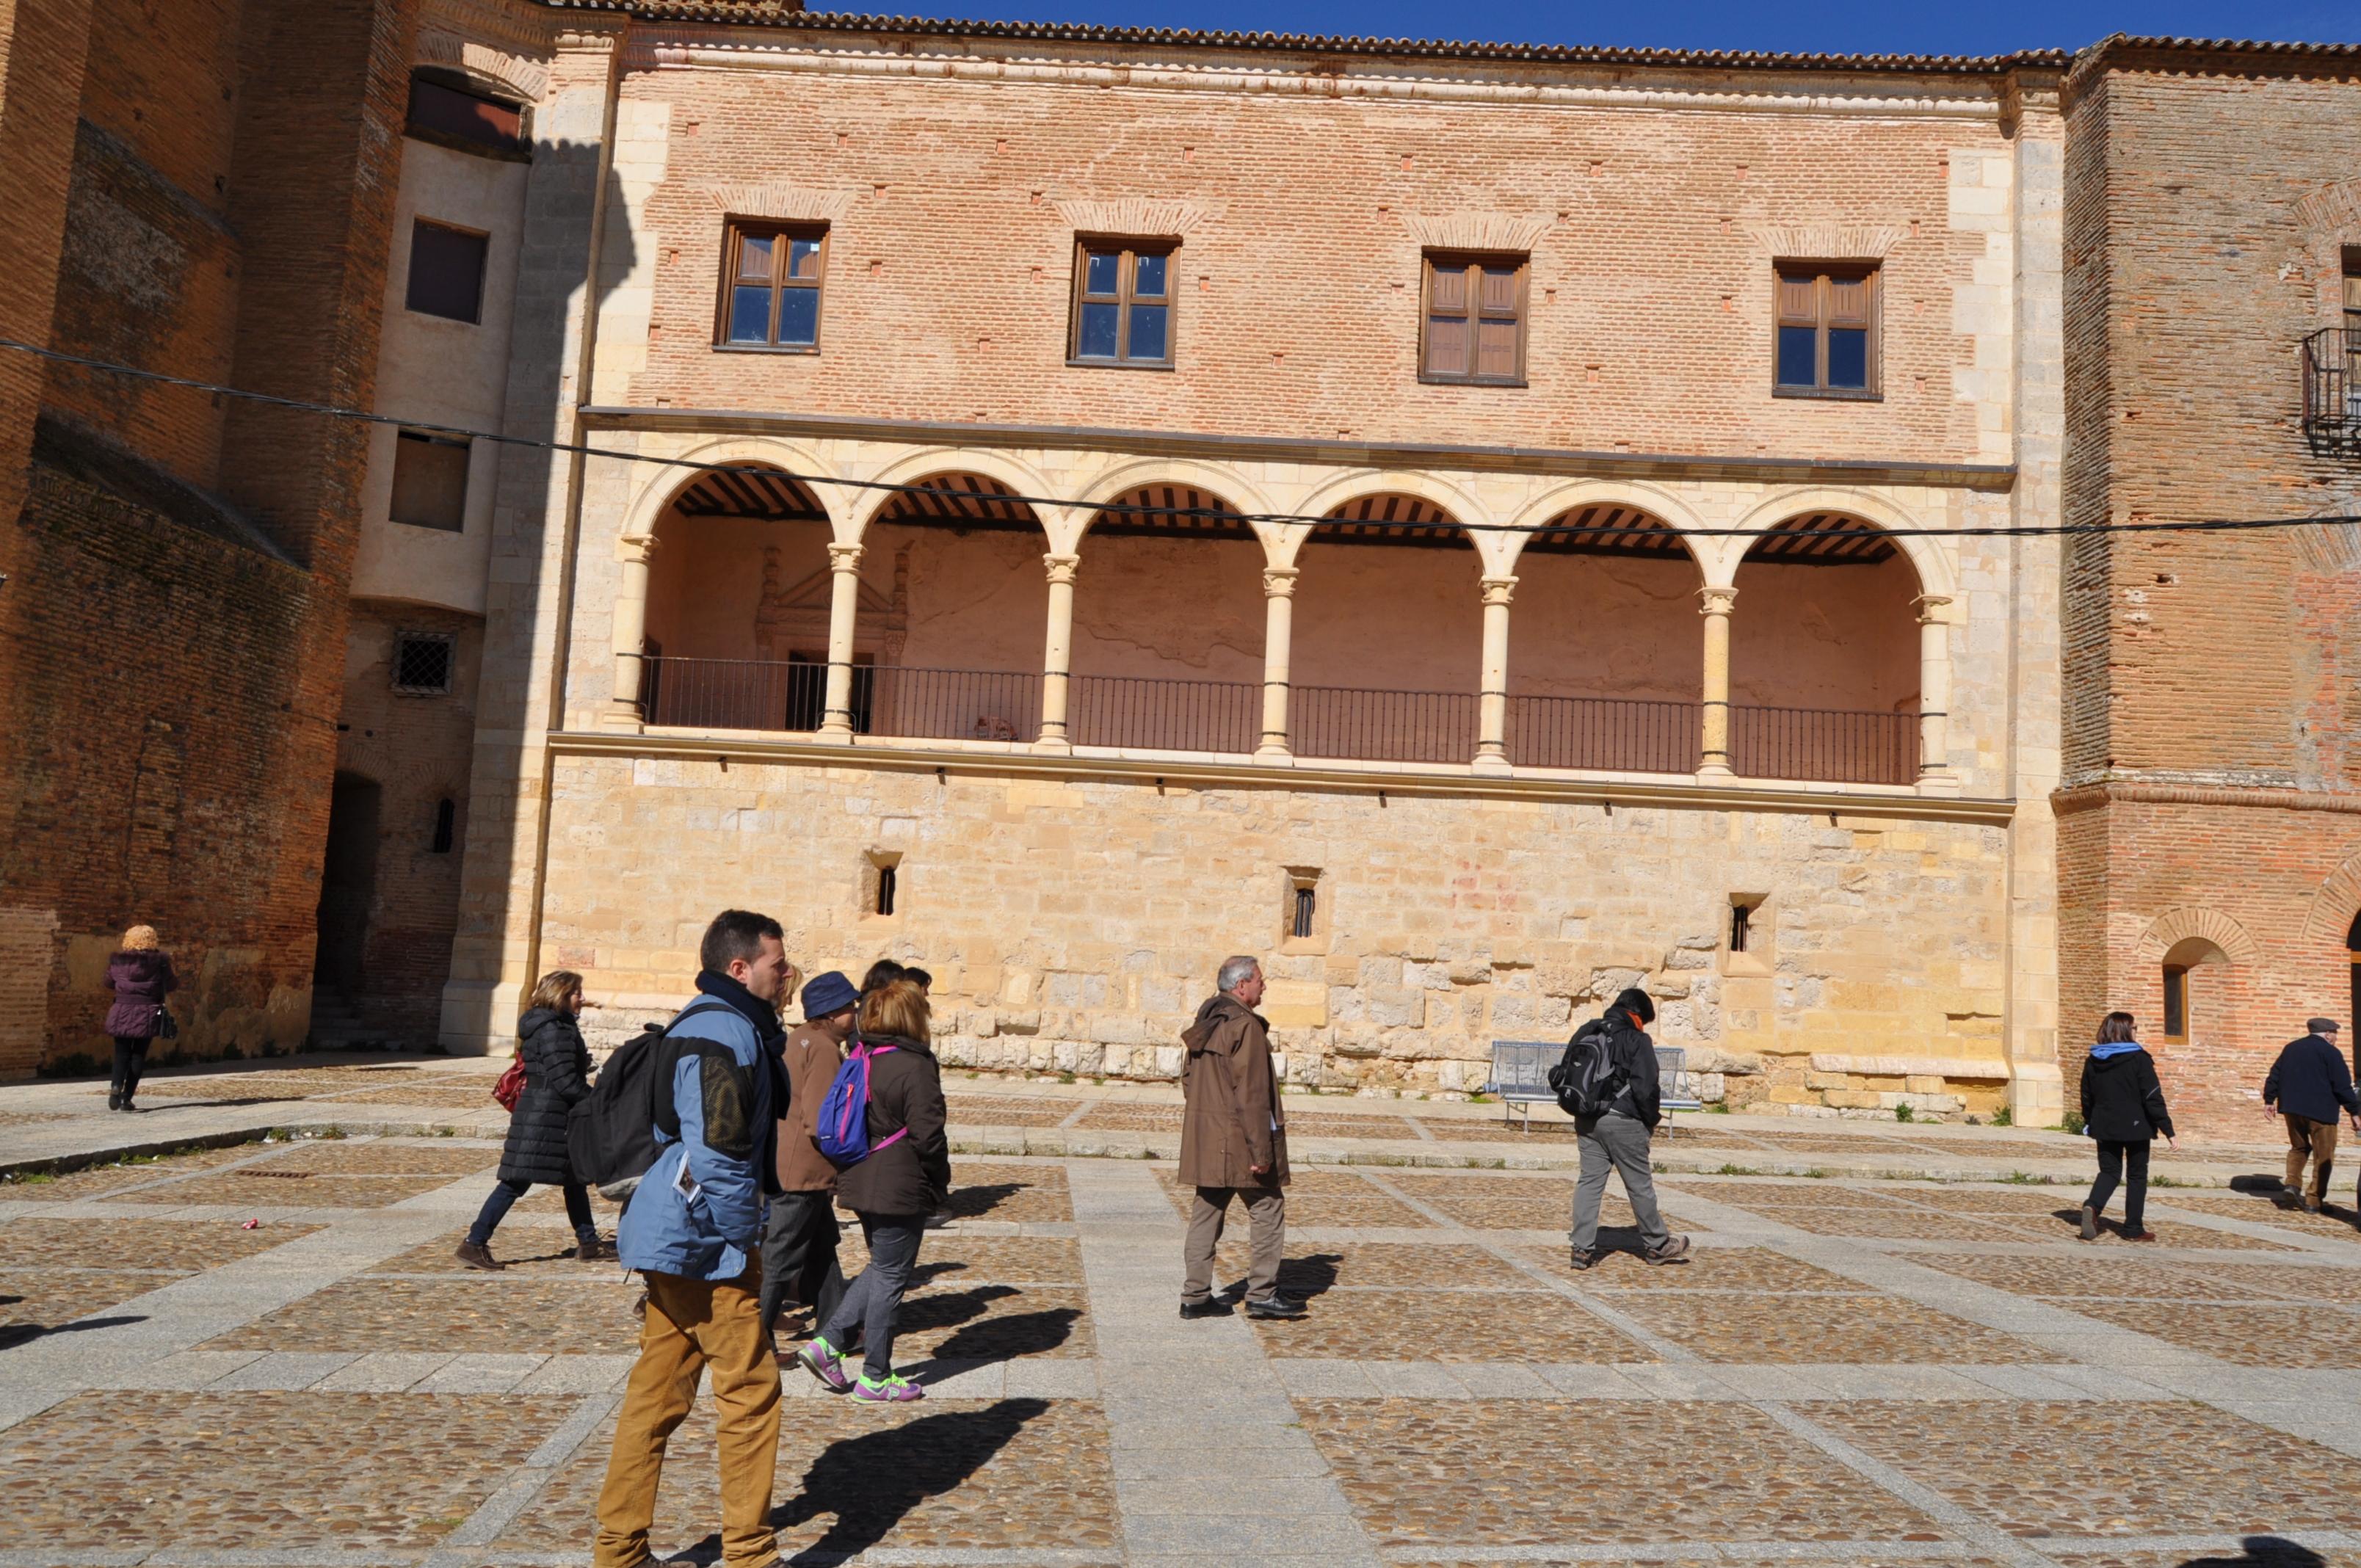 Plaza de Grajal y galería del palacio.